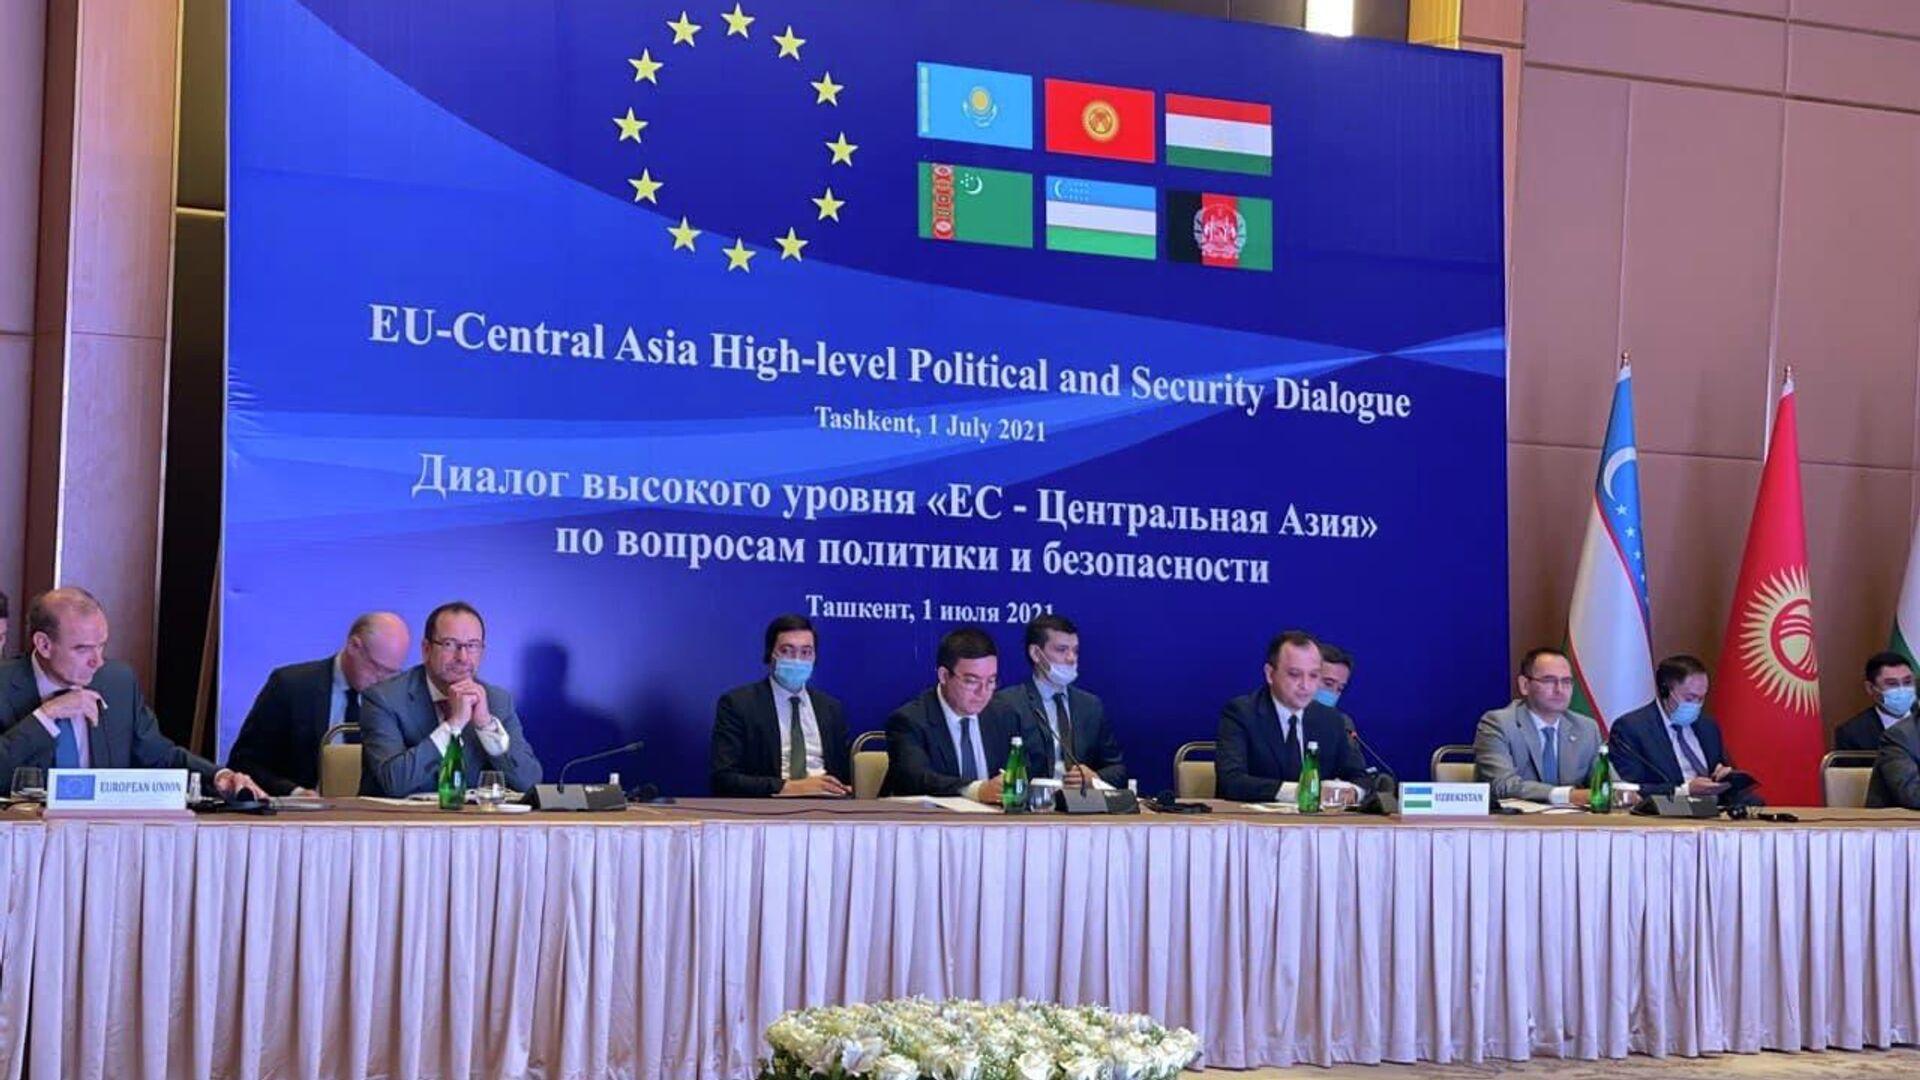 Конференция ЕС - Центральная Азия по безопасности - Sputnik Узбекистан, 1920, 01.07.2021